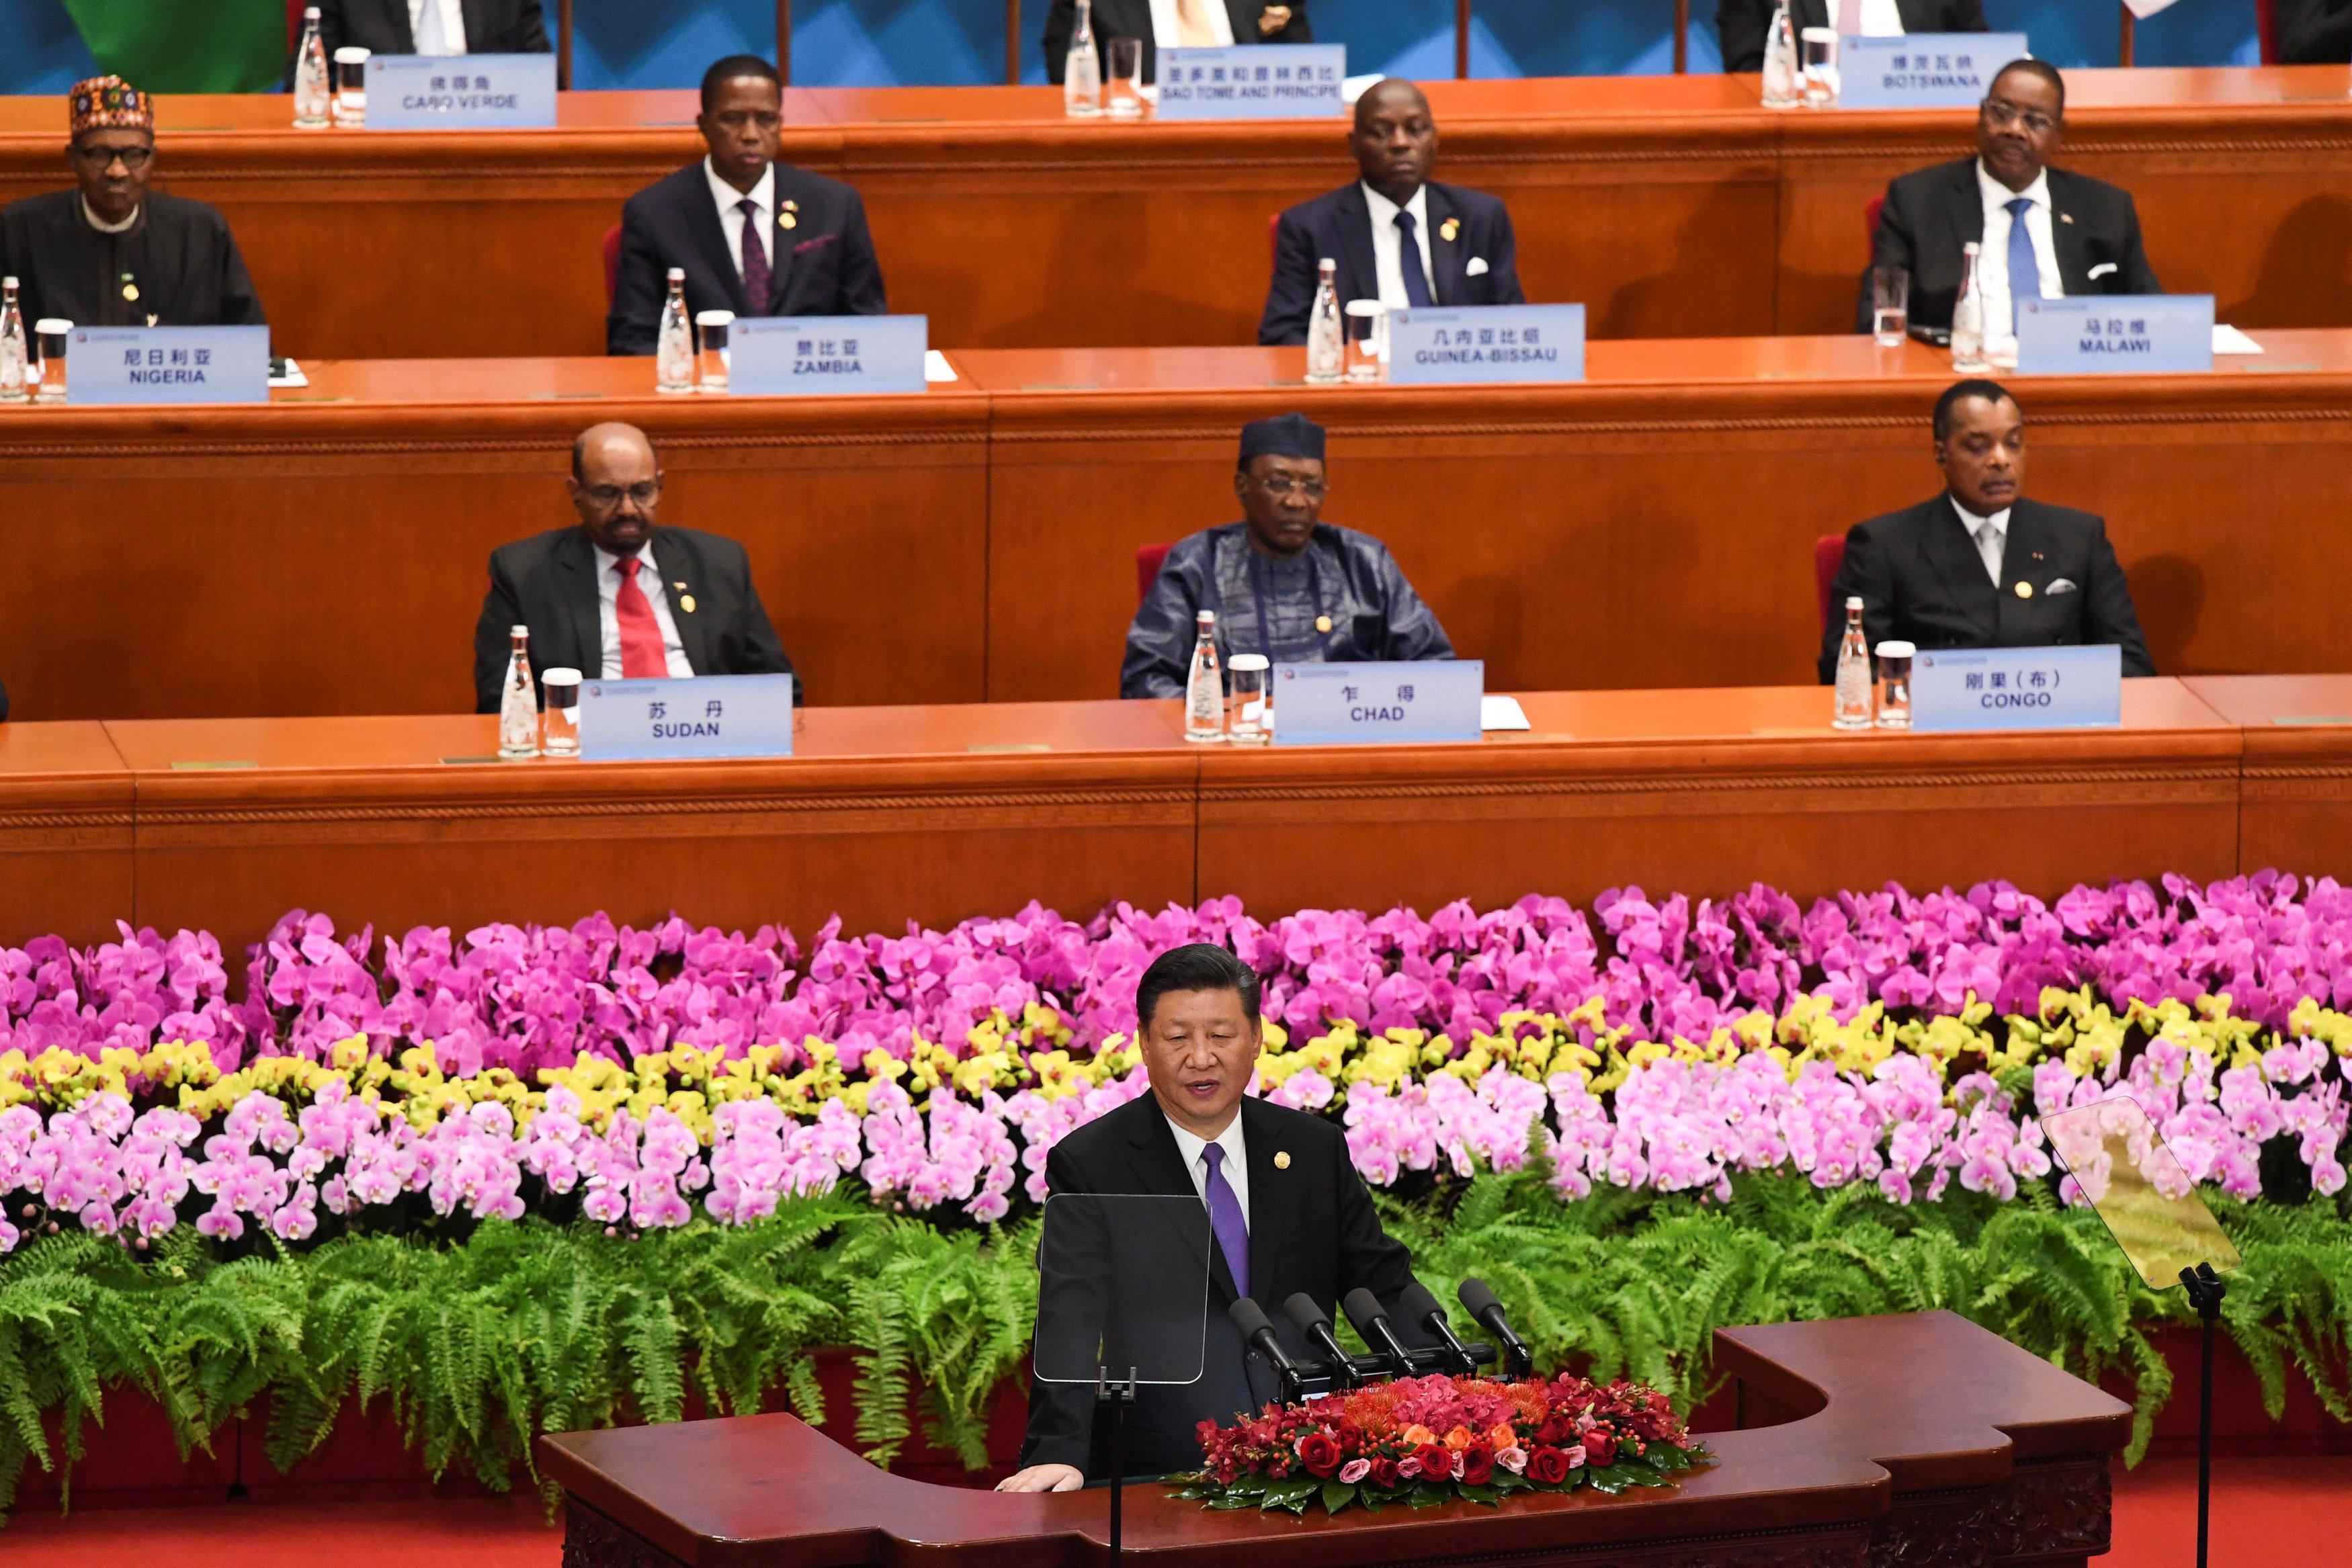 جلسة قمة الصين أفريقيا